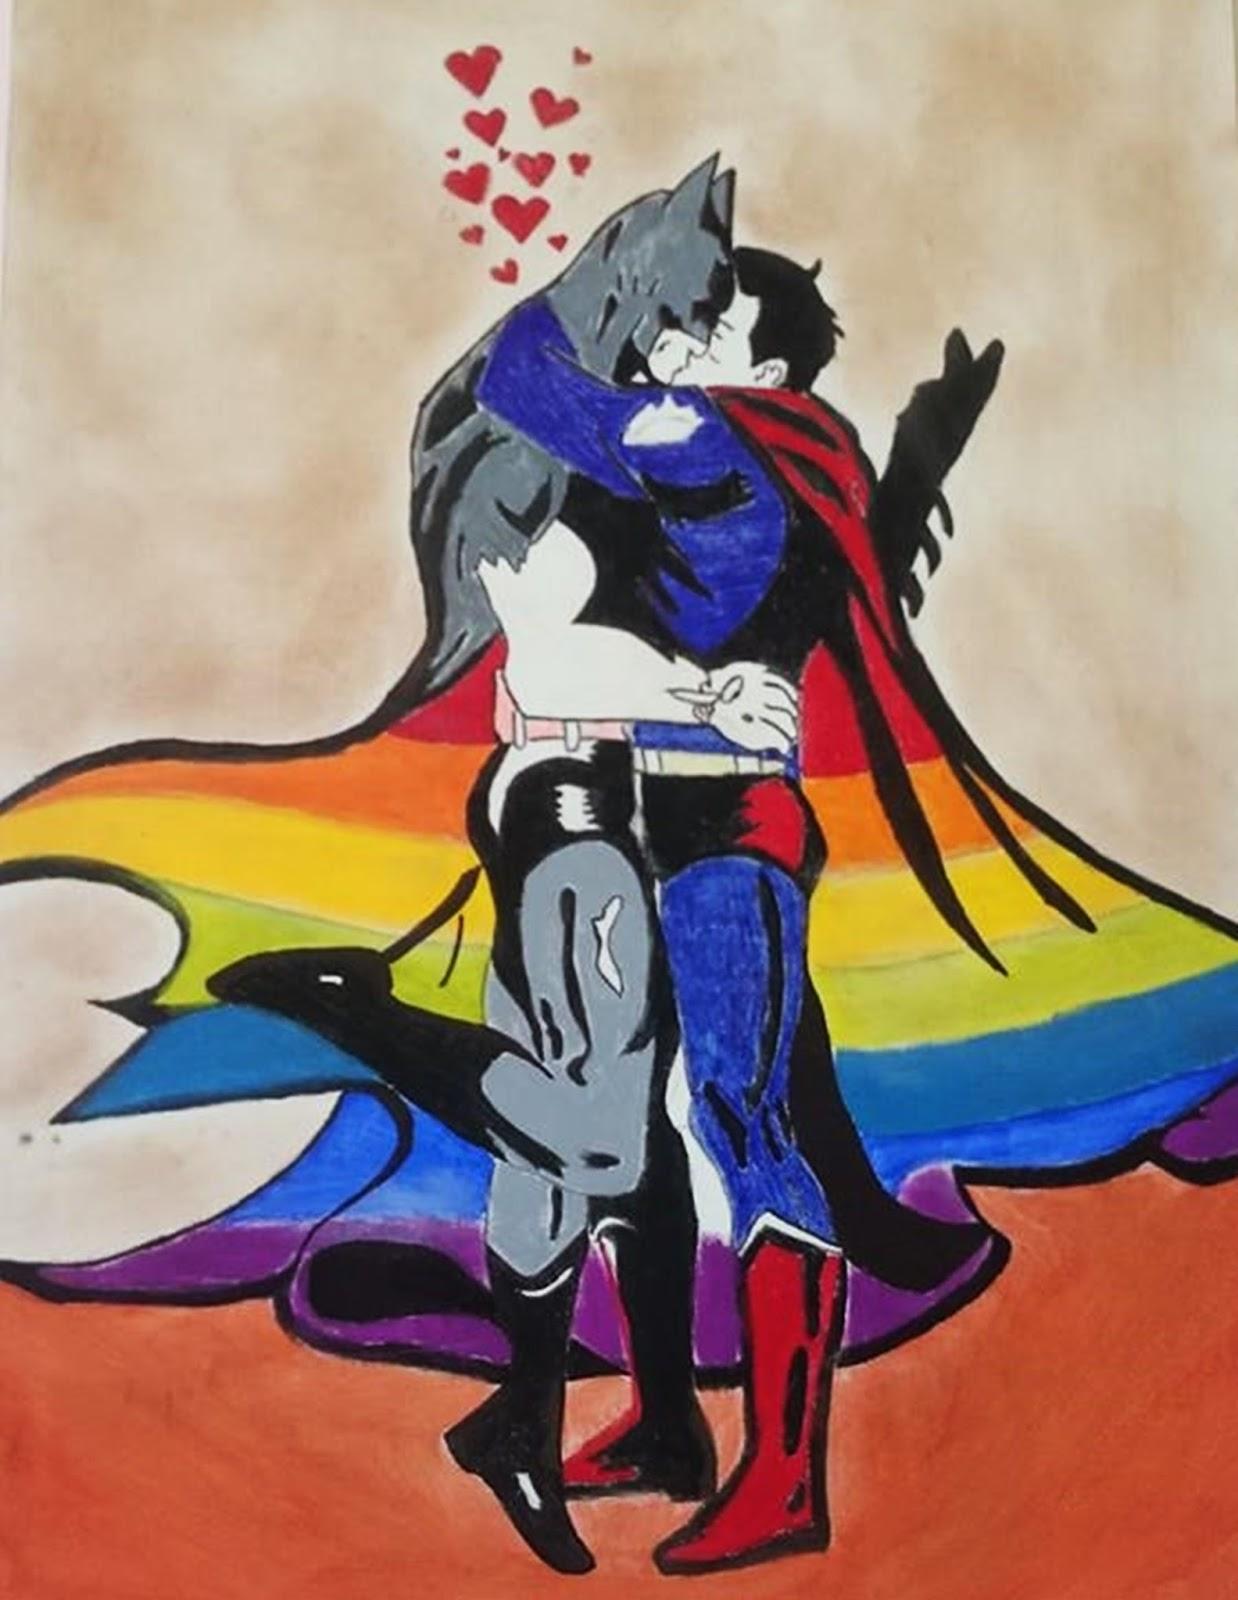 Desenho com beijo de super-heróis vira alvo de homofobia em exposição de MG